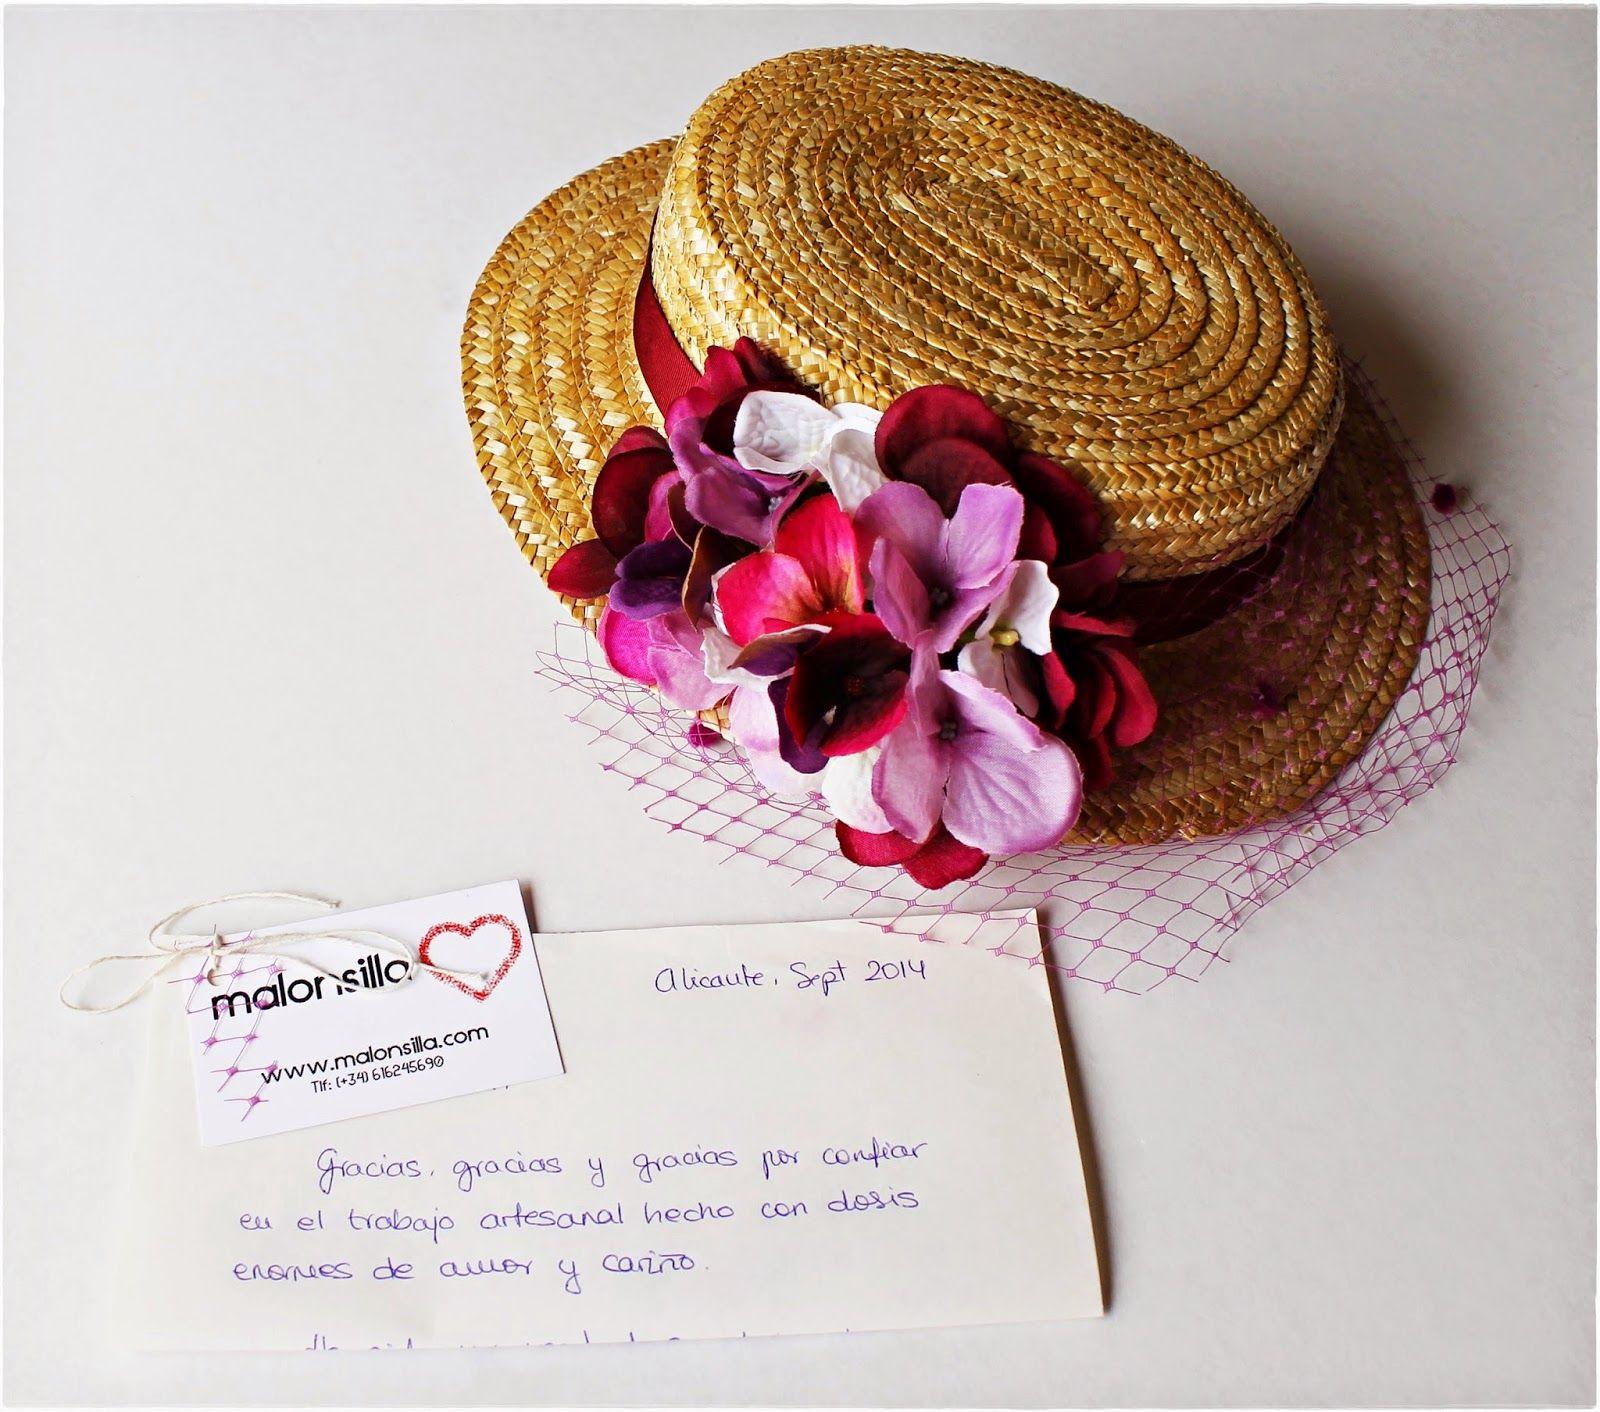 Malonsilla Artesanía - Canotier Luanco - Flores Hortensia - Boda - Invitada  - Comprar - Económico. Sombreros ... 215ab04e6ea